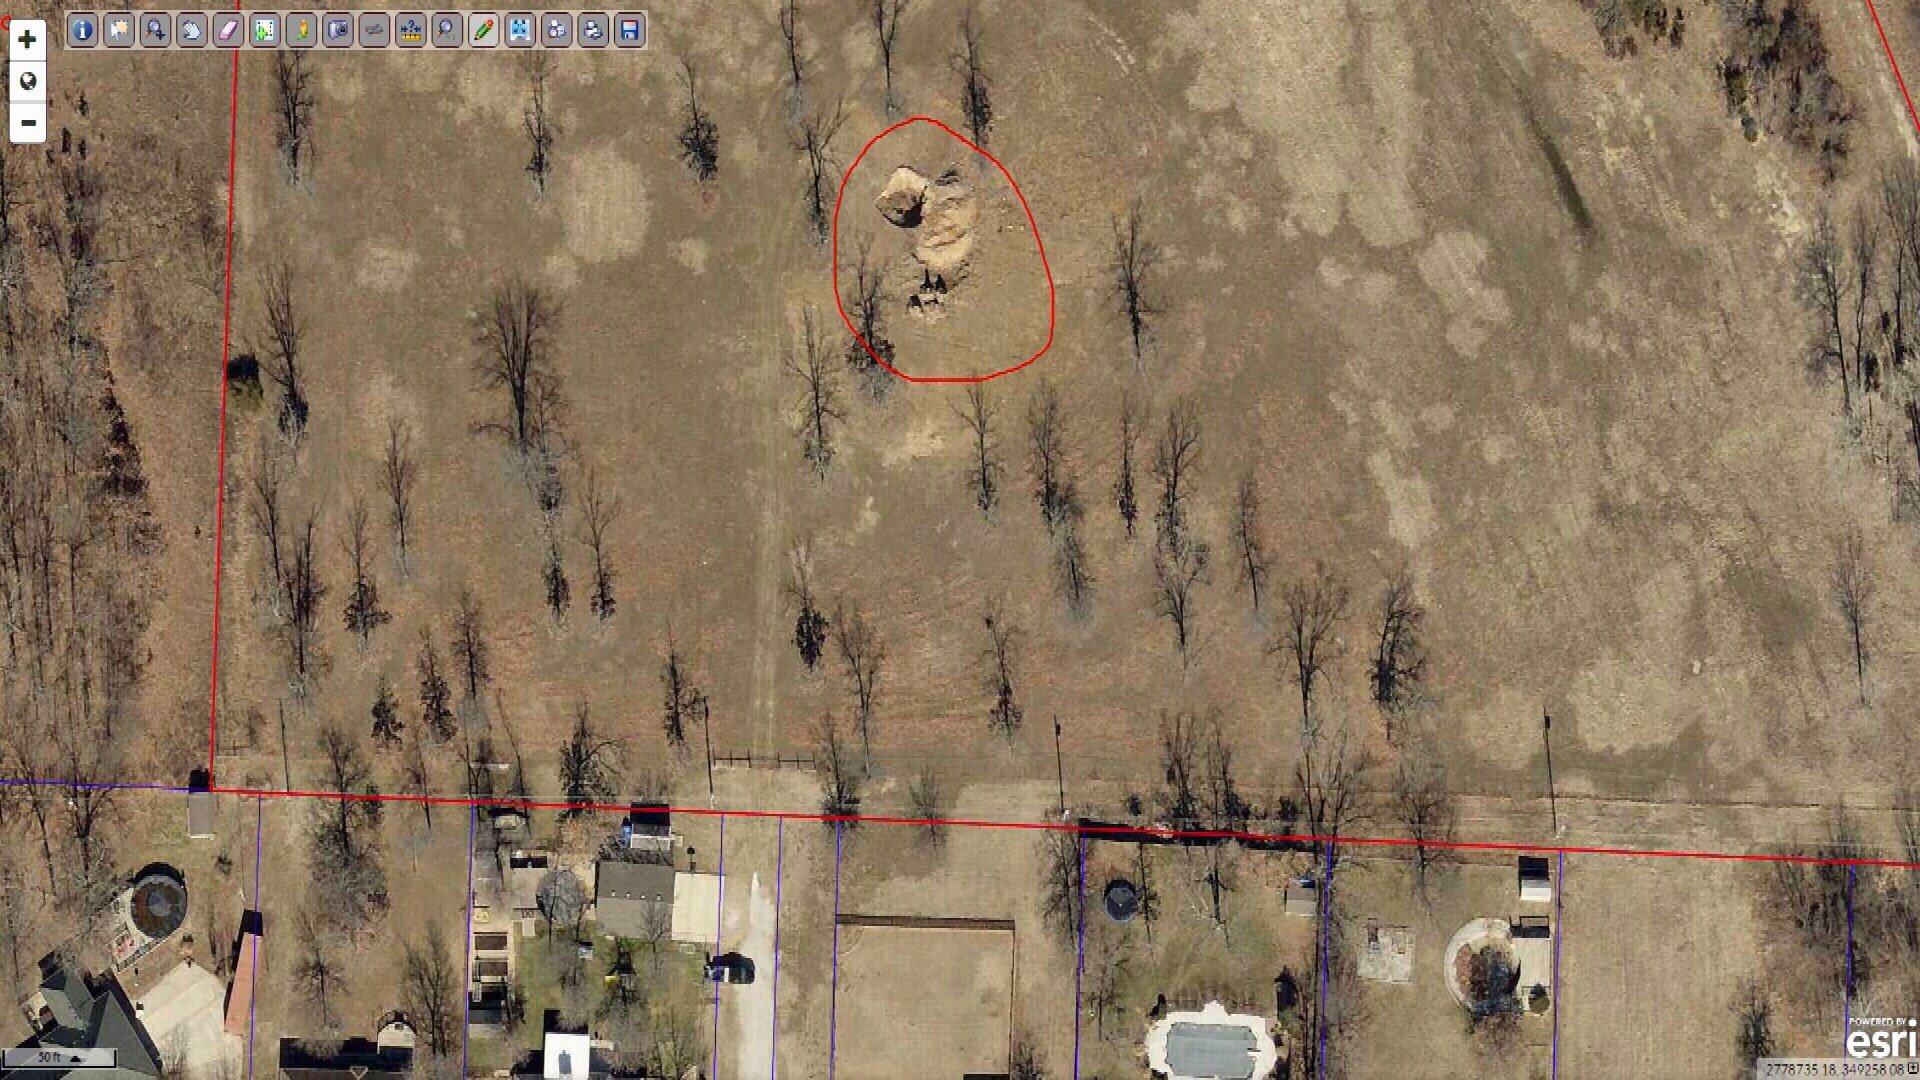 Satellite image showing hole on property